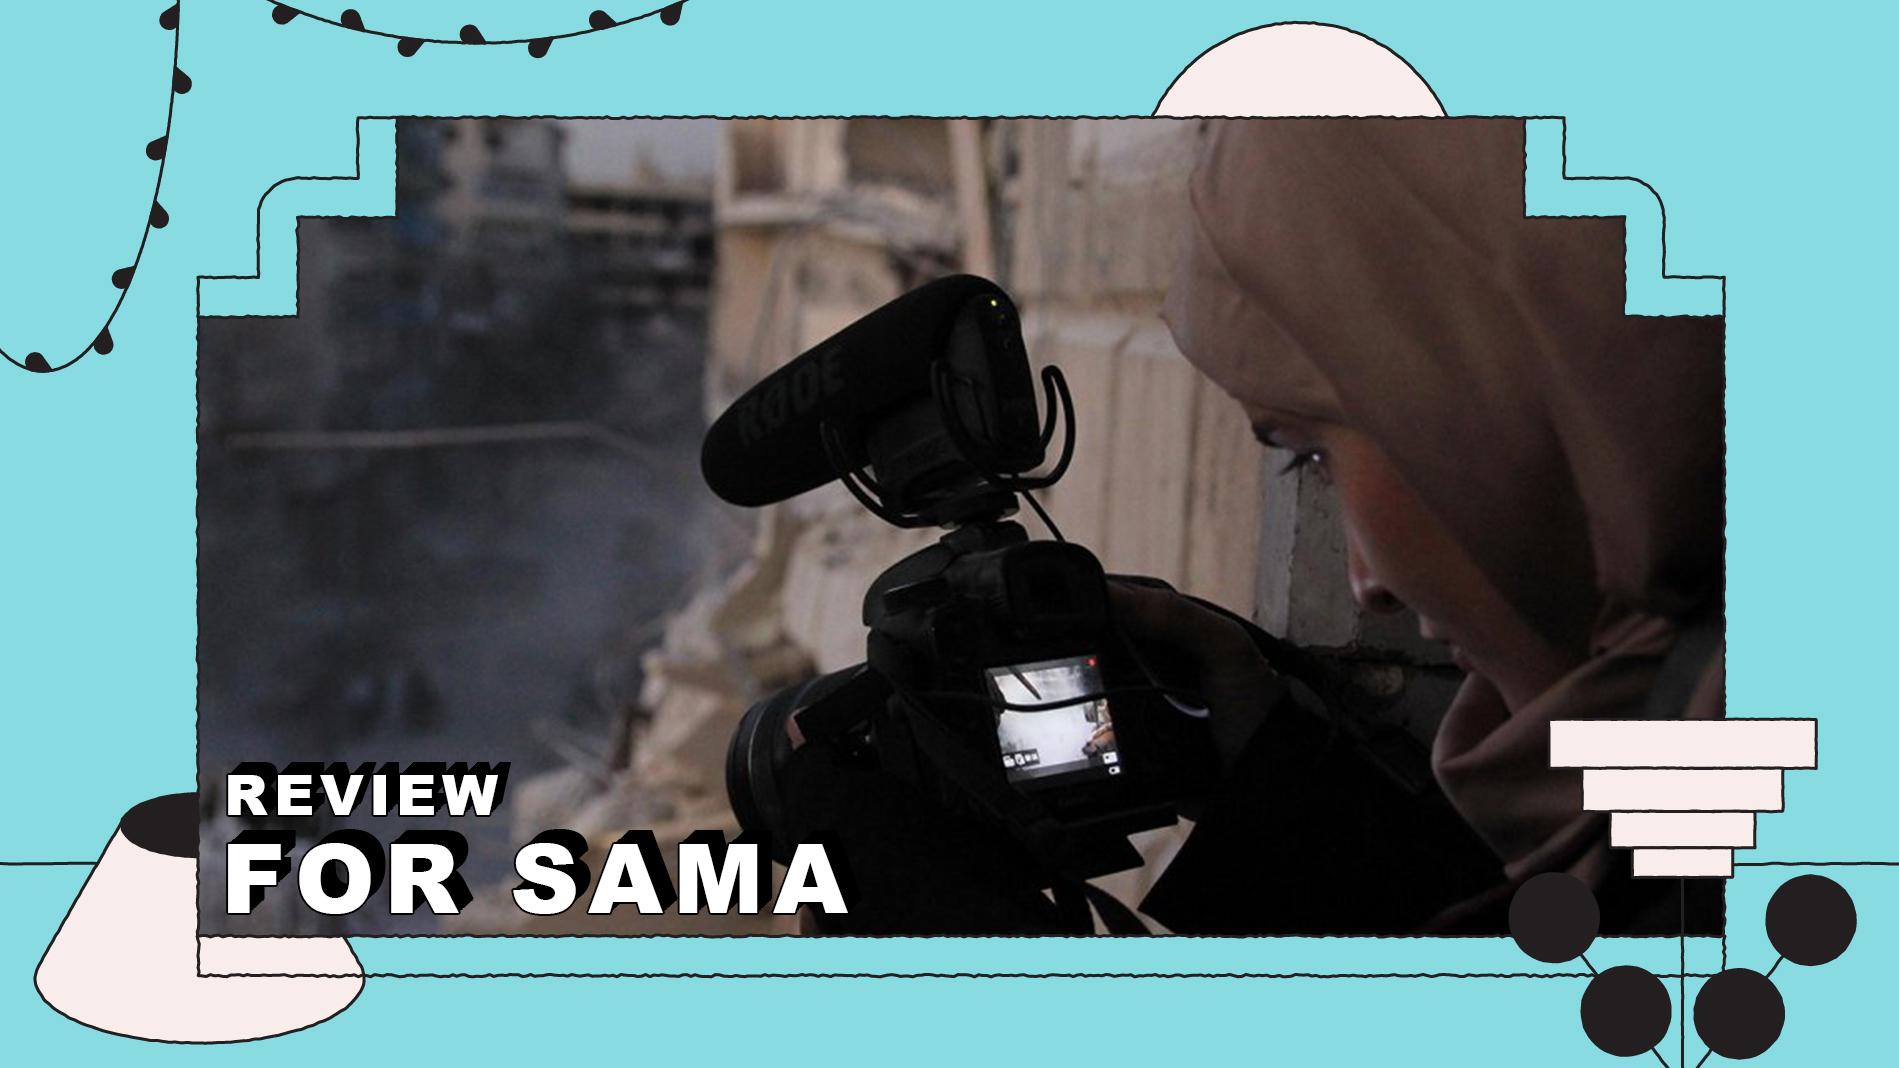 For Sama Cover Image.jpg